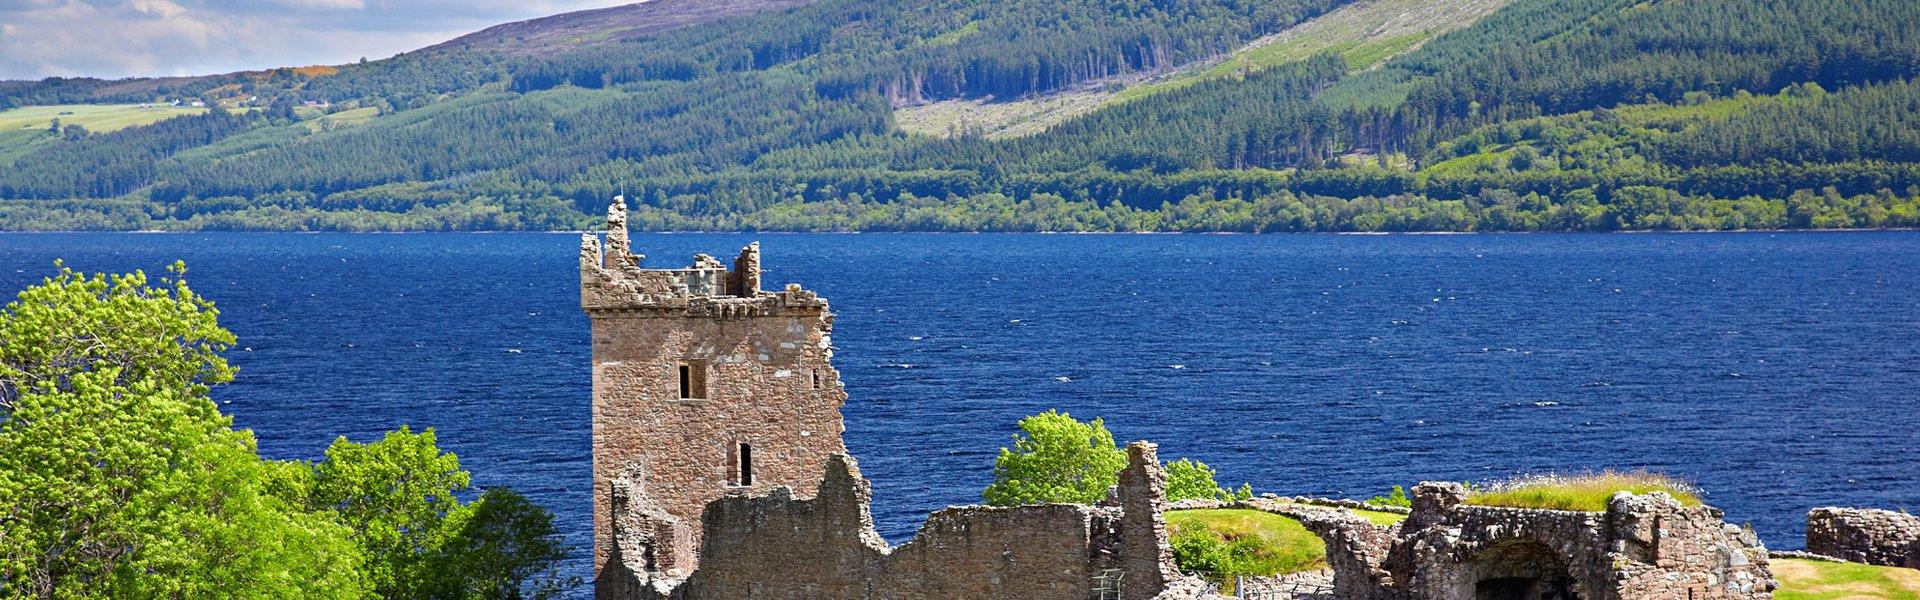 Loch Ness, Schotland, Groot-Brittannië